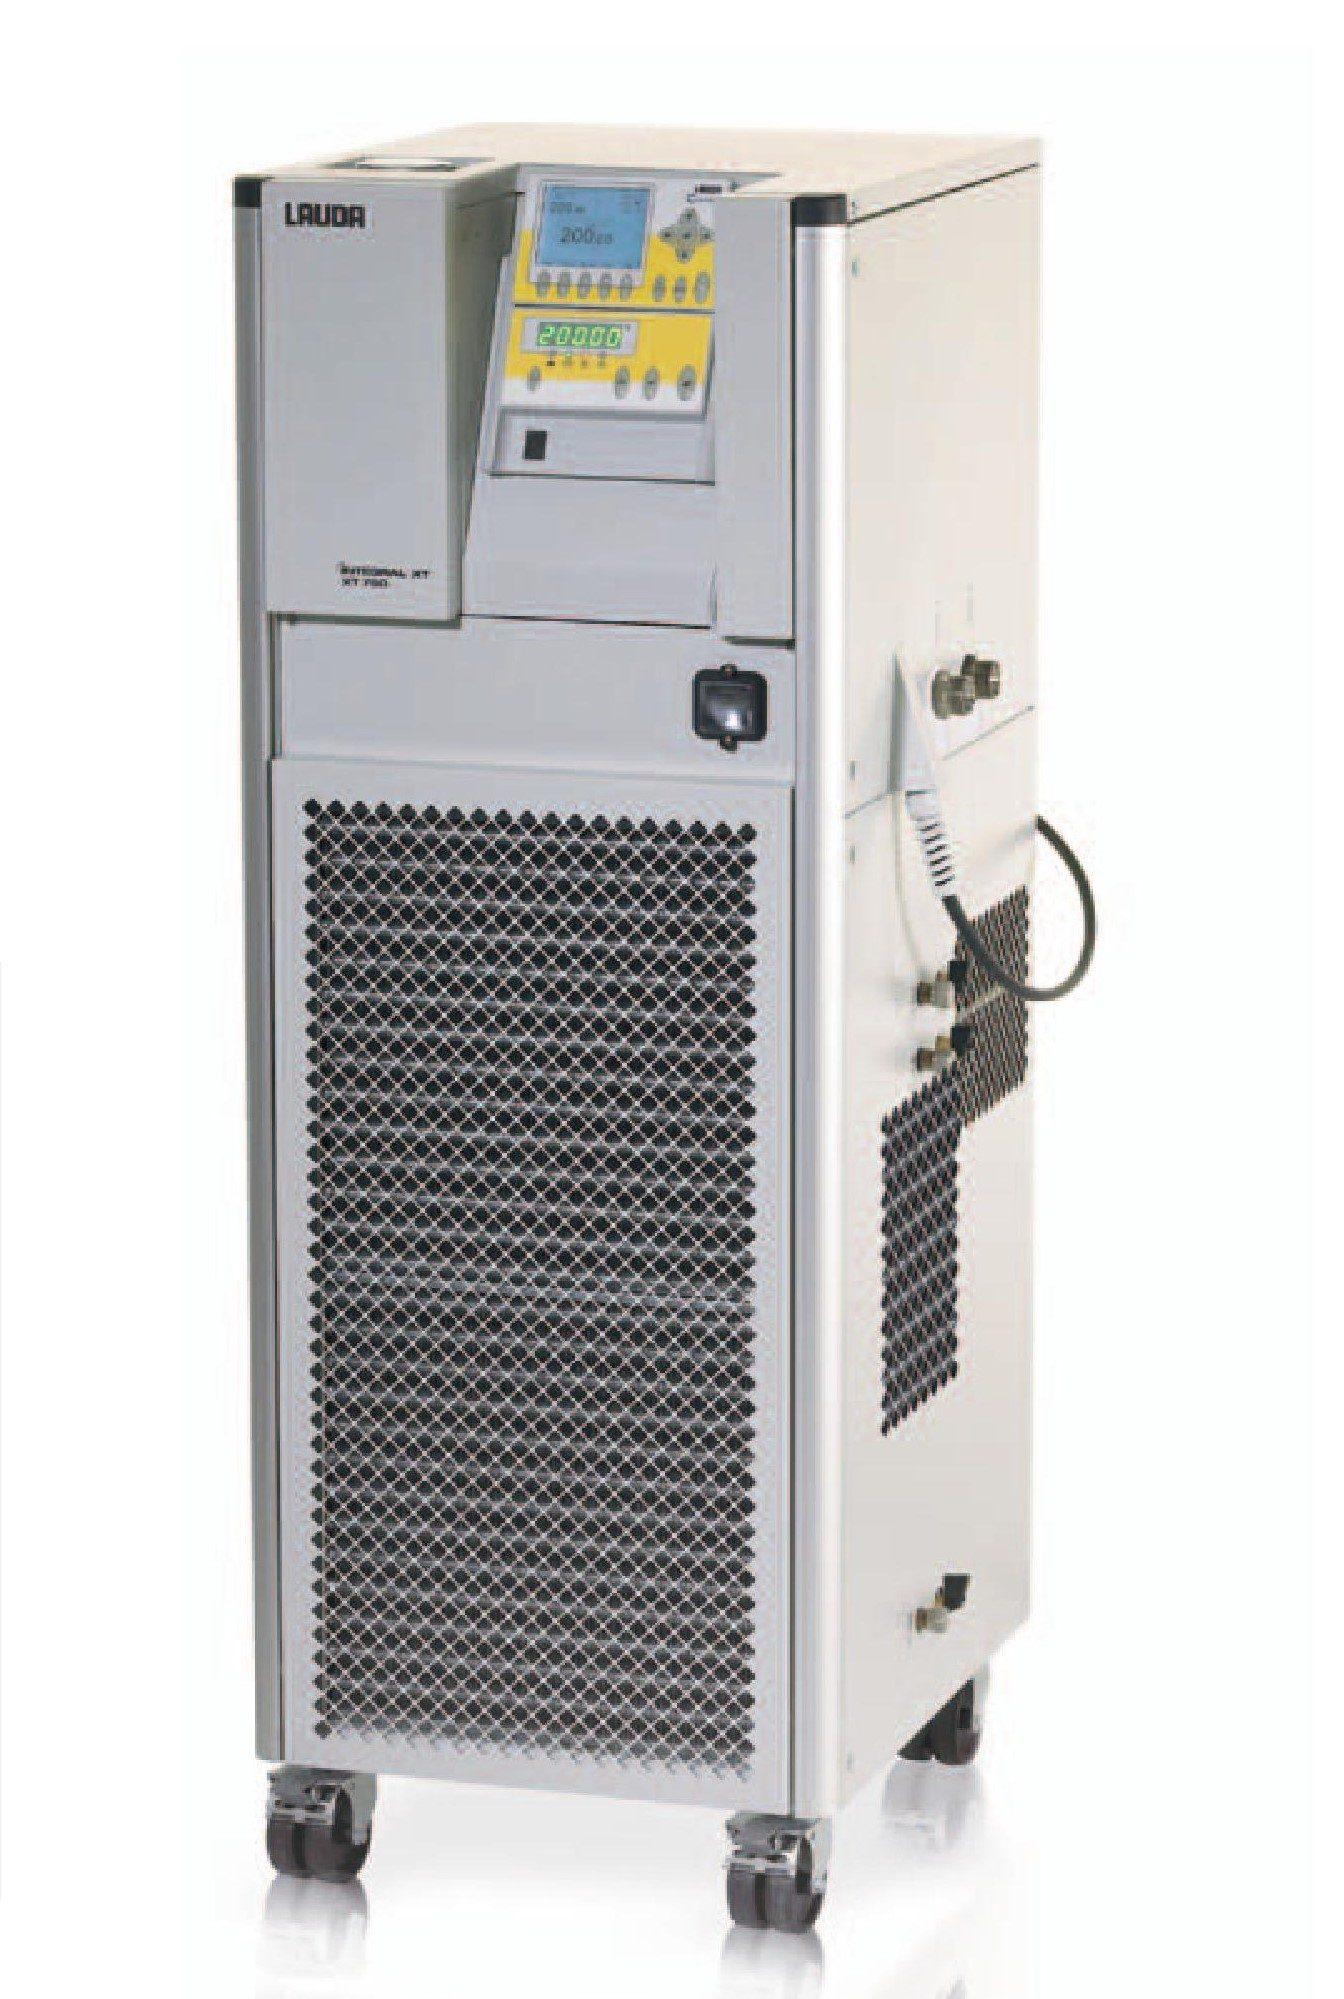 Termostato de processo integral XT - Temperatura de trabalho: -50 a 300°C - LAUDA - Cód. XT750HS